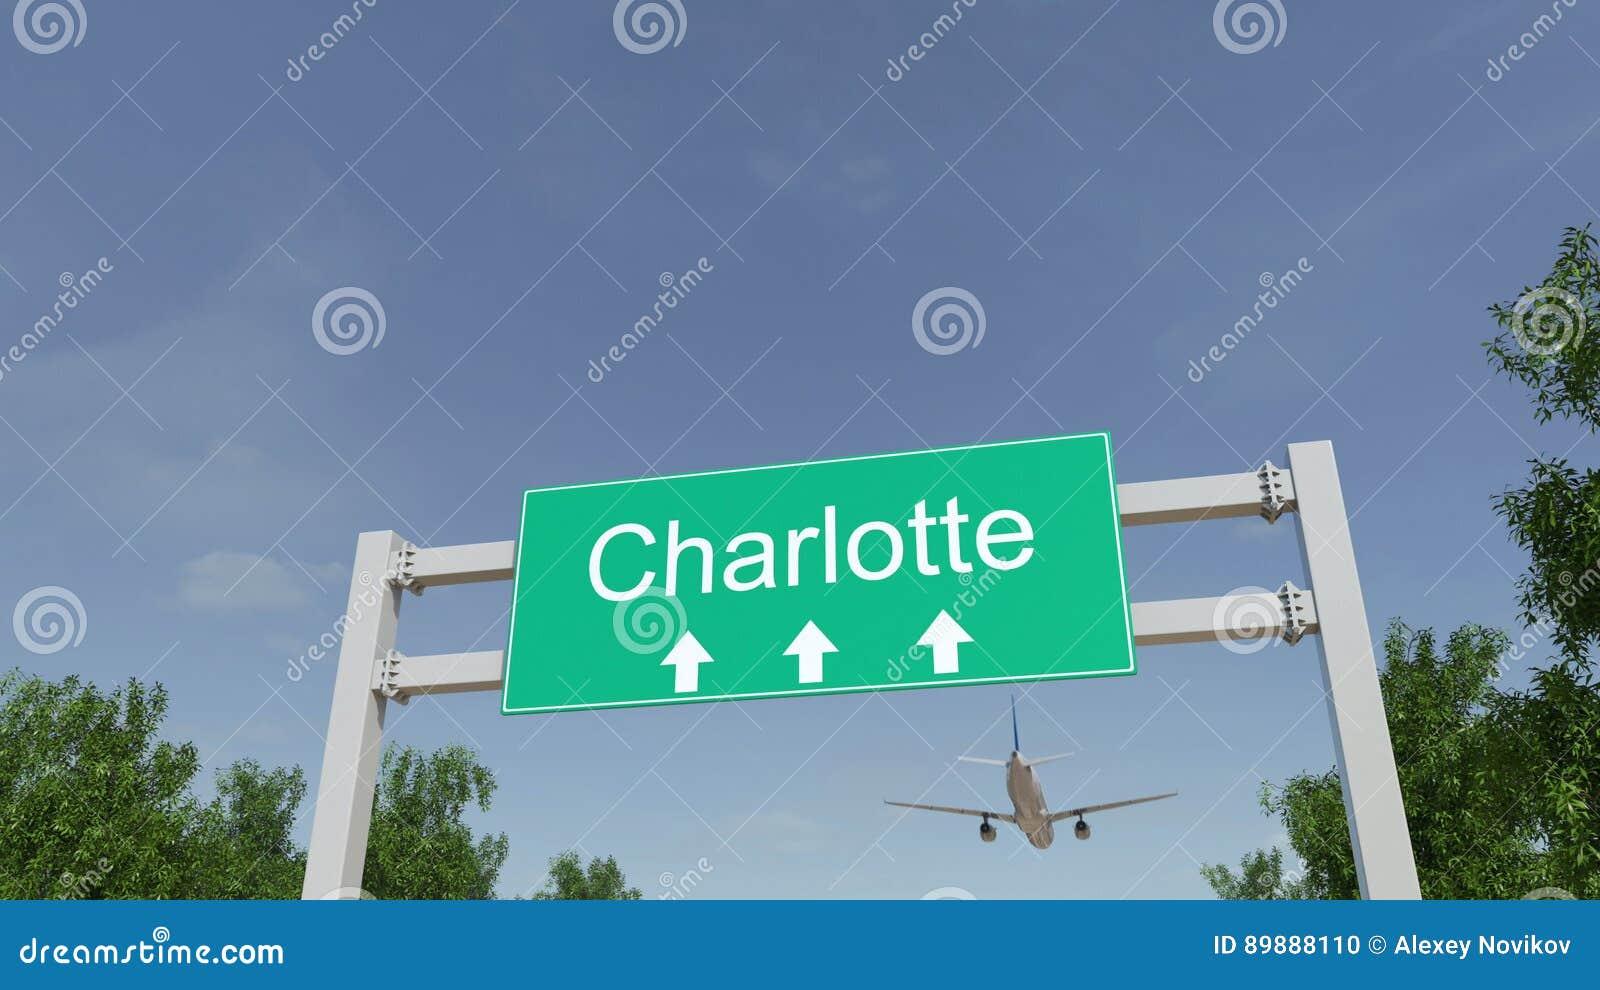 Aeroplano que llega al aeropuerto de Charlotte El viajar a la representación conceptual 3D de Estados Unidos